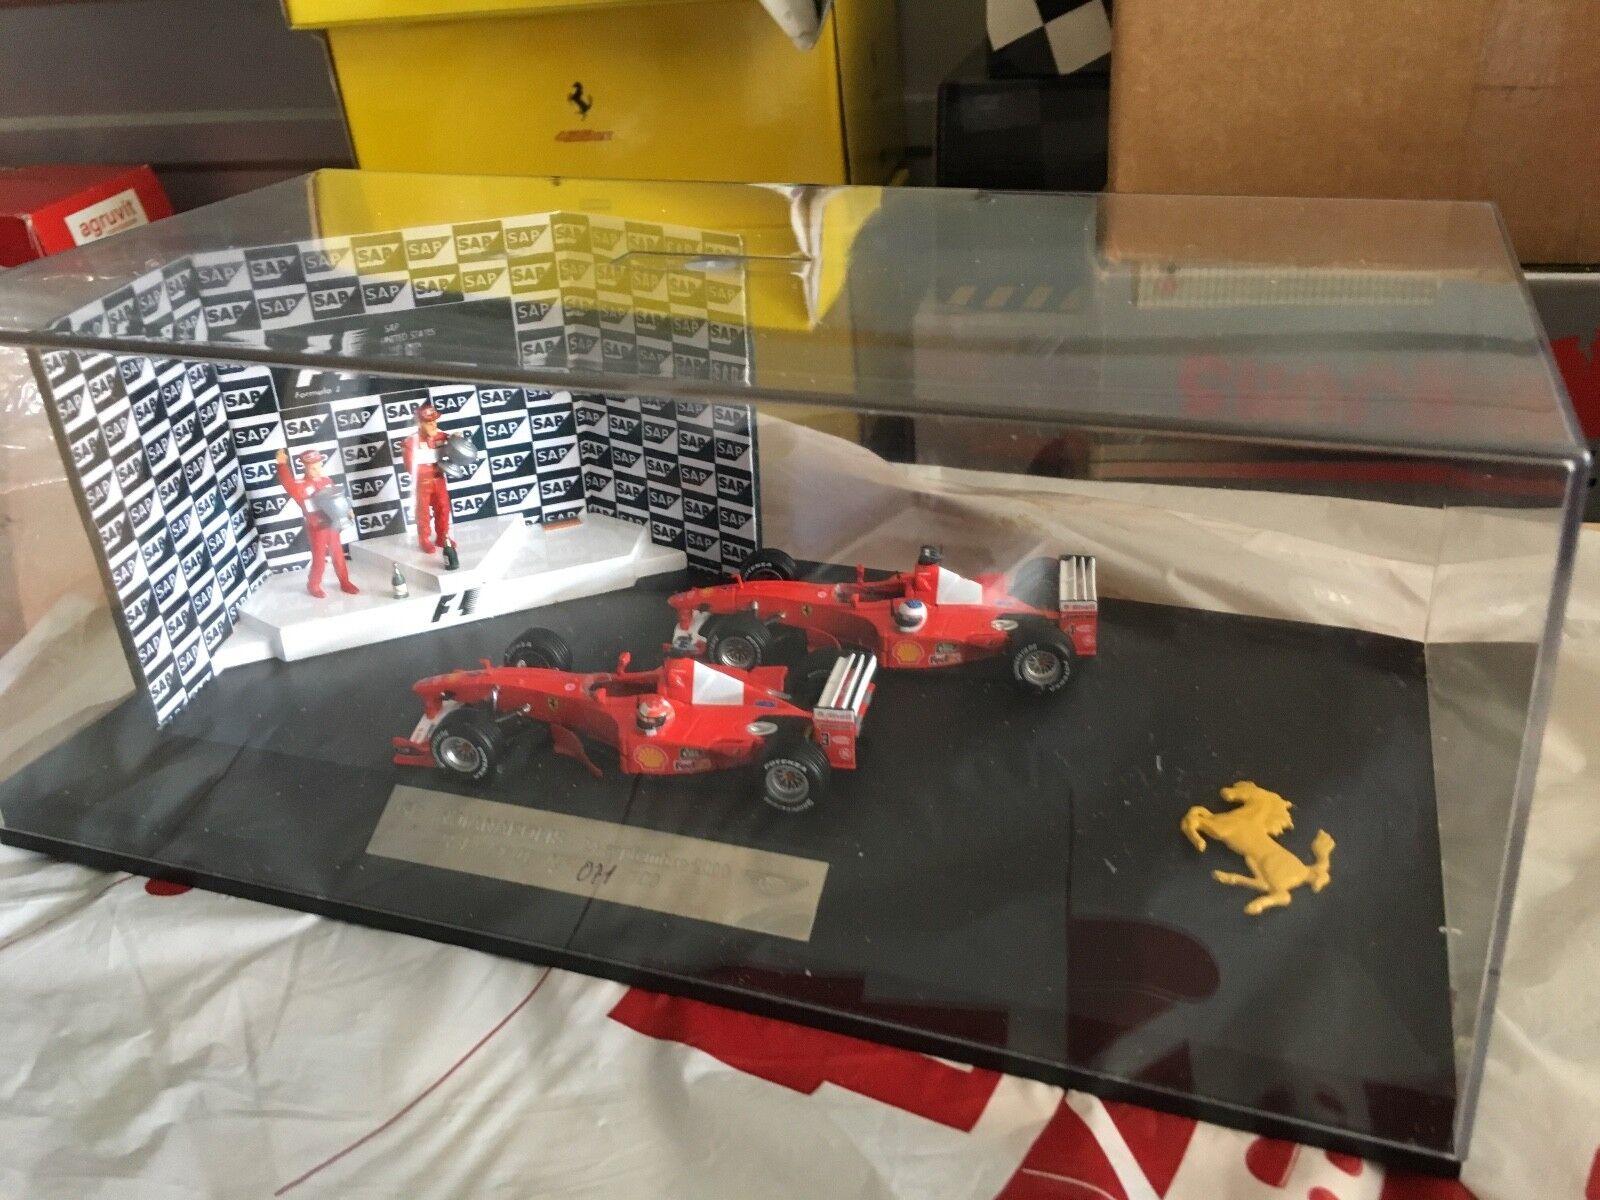 prezzi all'ingrosso Ferrari Ferrari Ferrari  F1 2000 Indy Mark modellolos 1 43 71 100  Sconto del 70%